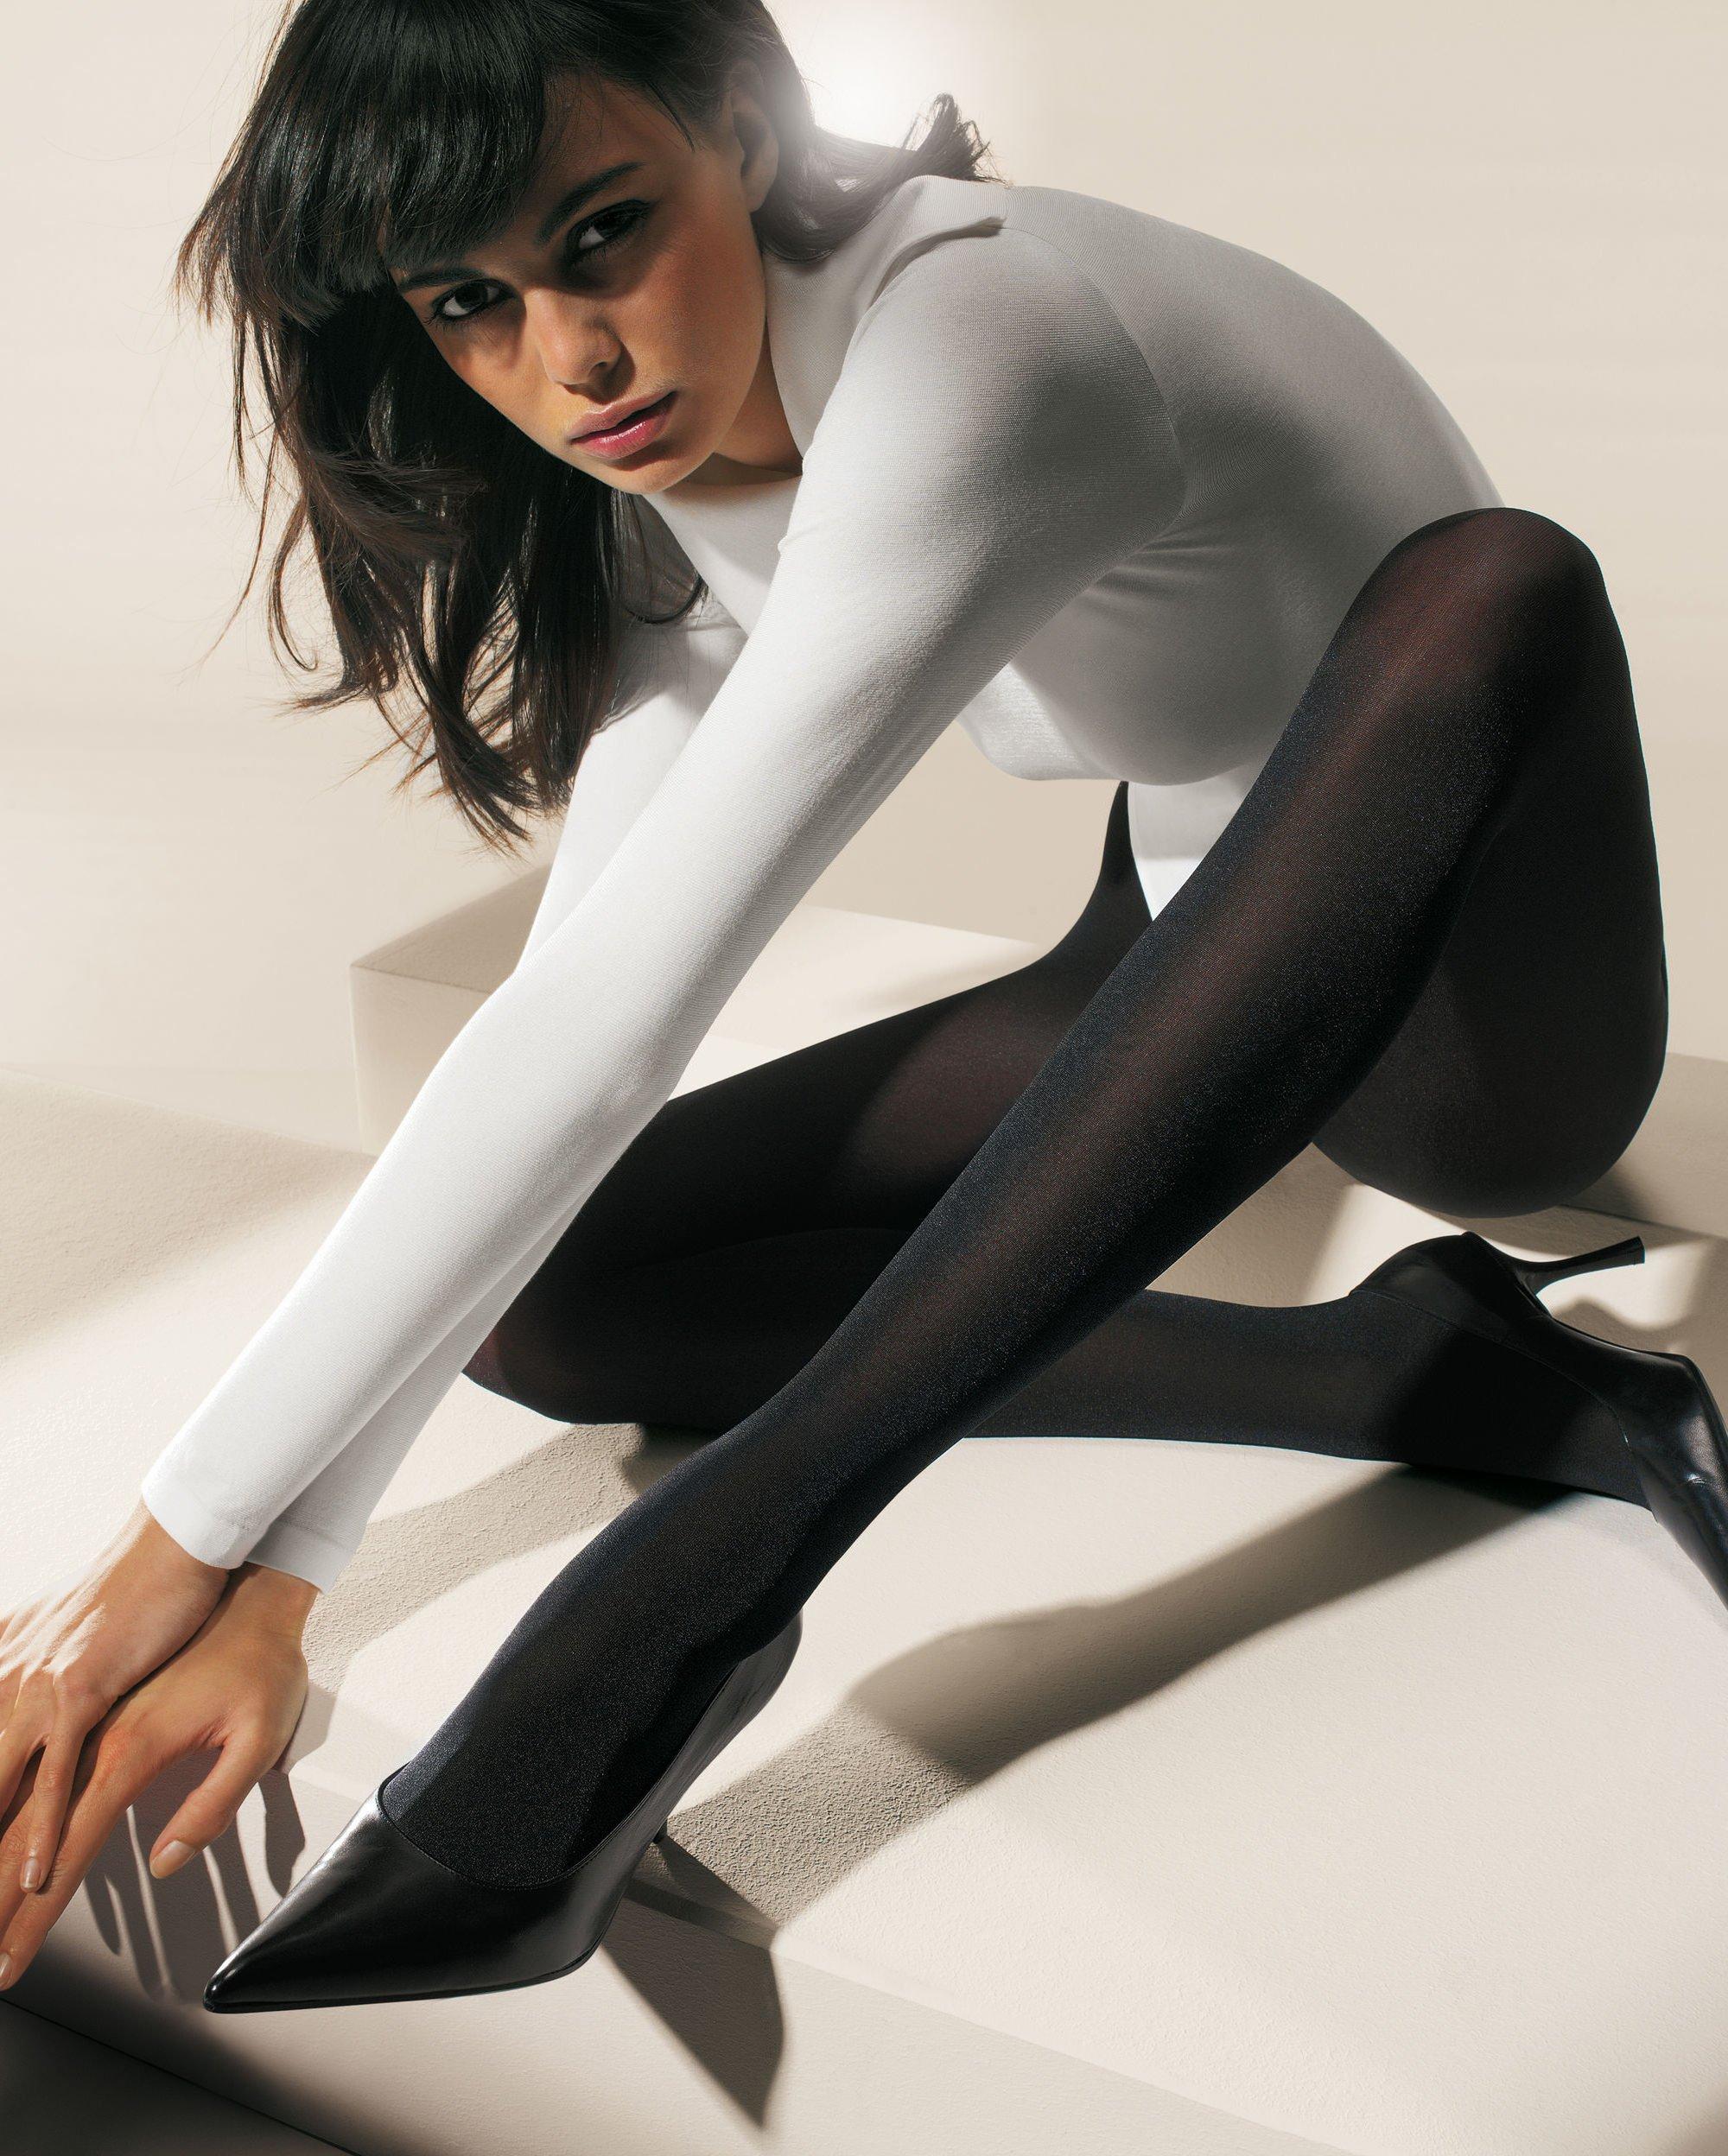 Красивые девушки в черных колготках 22 фотография